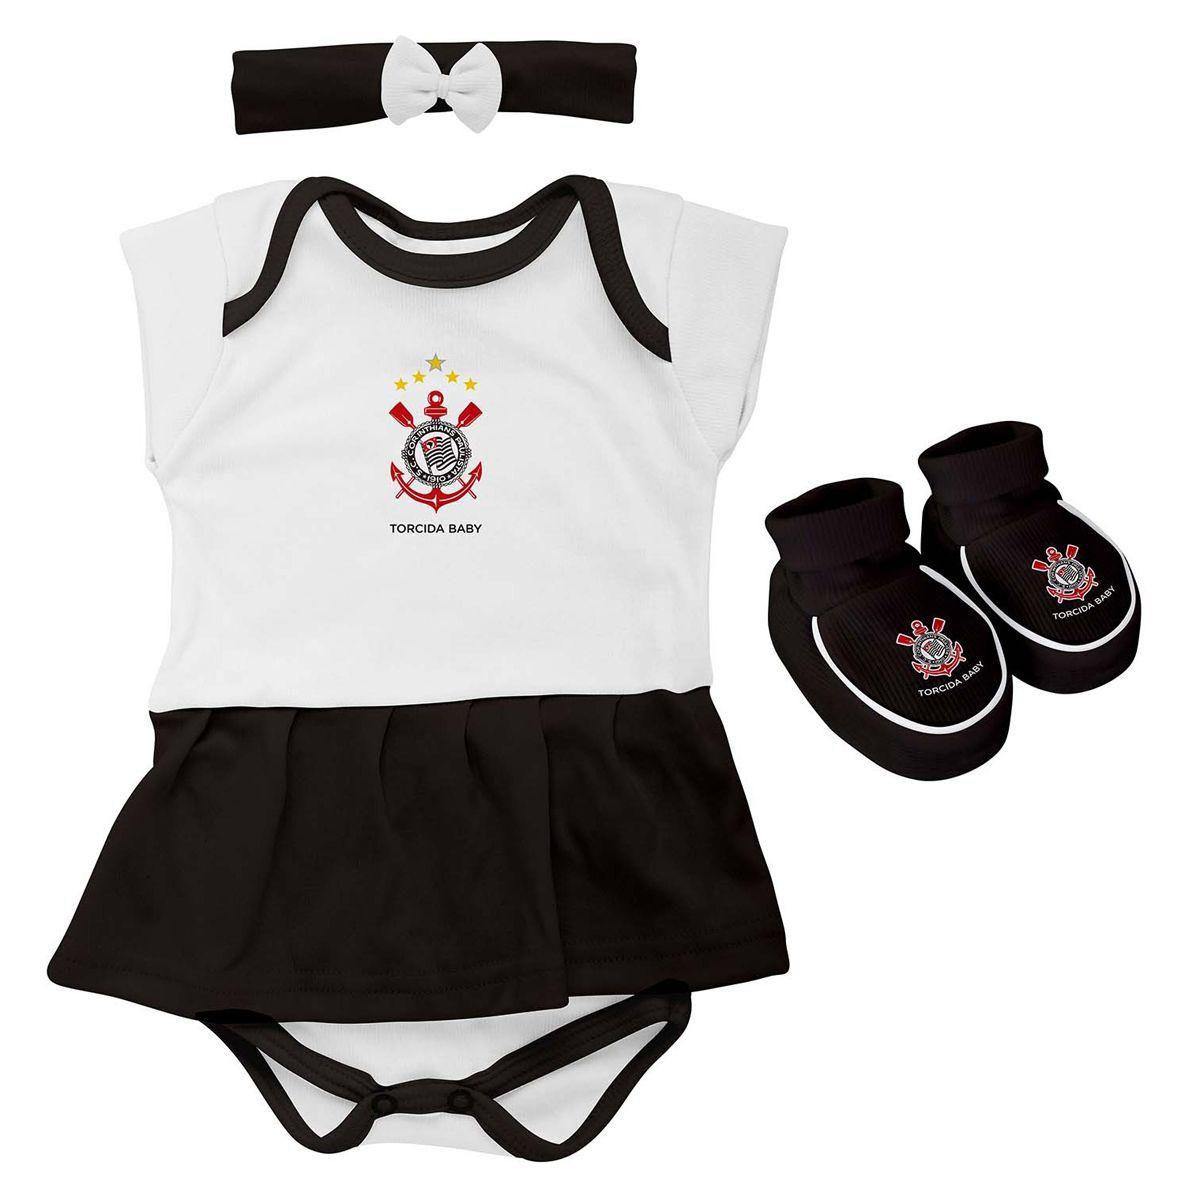 Kit 3 Peças Torcida Baby Body Menina Corinthians - 033B